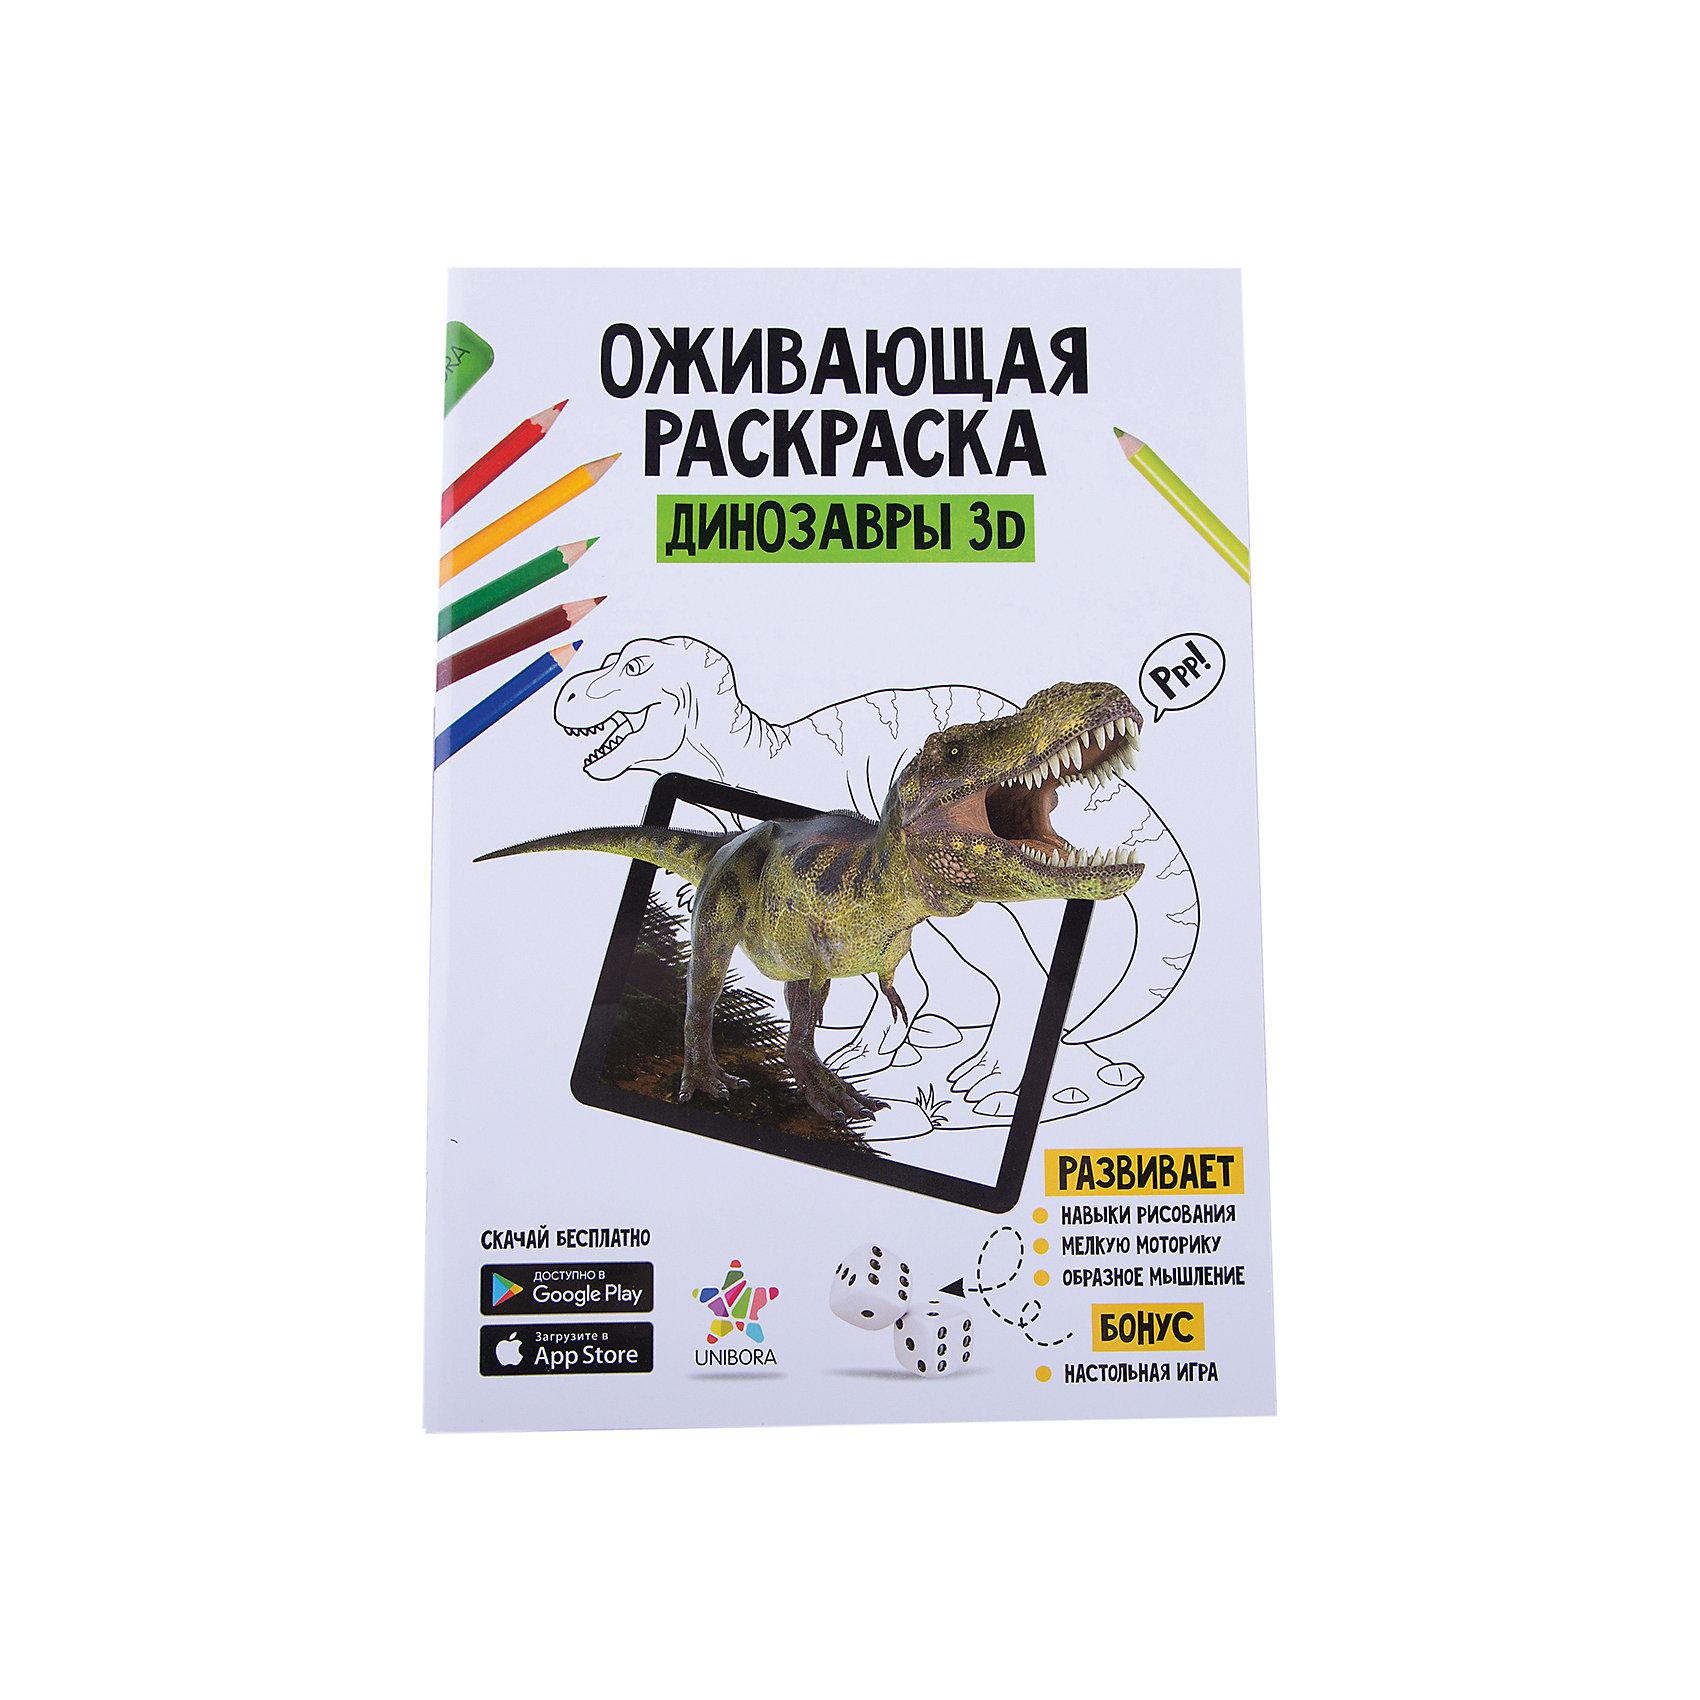 Раскраска с дополненной реальностью Динозавры, UniboraUnibora<br>Характеристики товара:<br><br>• возраст: от 3 лет;<br>• количество трехмерных моделей: 11;<br>• формат: 21 х 3 х 30  см.;<br>• материал: бумага/картон;<br>• вес: 118 гр.;<br>• бренд: Unibora (Юнибора);<br>• страна обладатель бренда: Россия.<br><br>Увлекательная и оживающая раскраска с «Динозавры» - это уникальная разработка, совмещающая в себе игру с дополненной реальностью и изобразительное творчество. <br><br>Оживающая раскраска перенесет вас на миллионы лет назад, в мезозойскую эру! Тиранозавры и велоцирапторы, мегарапторы и птерадоны и множество других  больших и маленьких динозавров, вы сможете не только расскрасить их, но и рассмотреть со всех сторон, услышать их грозное рычание и даже управлять ими с помощью вашего мобильного телефона или планшета.<br><br>Инструкция:<br>Скачайте и откройте бесплатное приложение Unibora Dino на вашем мобильном устройстве или планшете через Appstore или GooglePlay. Активируйте код ( код расположен на обратной стороне обложки раскраски) и наведите ваше устройство на страницу раскраски.<br><br>В книжке вы найдете:<br>• 11 рисунков для раскрашивания <br>• 11 персонажей в 3D-графике высокого качества: играйте с ними и делайте удивительные фото! <br>• Бонус: Настольная игра с оживающими фишками на цветном развороте!<br><br>Раскраску с дополненной реальностью «Динозавры», 11 трехмерных моделей, Unibora (Юнибора) можно купить в нашем интернет-магазине.<br><br>Ширина мм: 30<br>Глубина мм: 210<br>Высота мм: 297<br>Вес г: 118<br>Возраст от месяцев: 12<br>Возраст до месяцев: 144<br>Пол: Унисекс<br>Возраст: Детский<br>SKU: 6722034